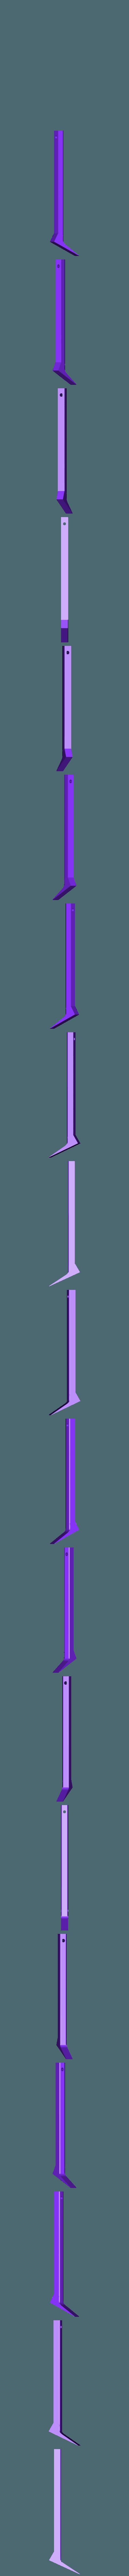 sand_tools_6.stl Télécharger fichier STL gratuit outils pour sable de château • Design pour imprimante 3D, Lurgmog